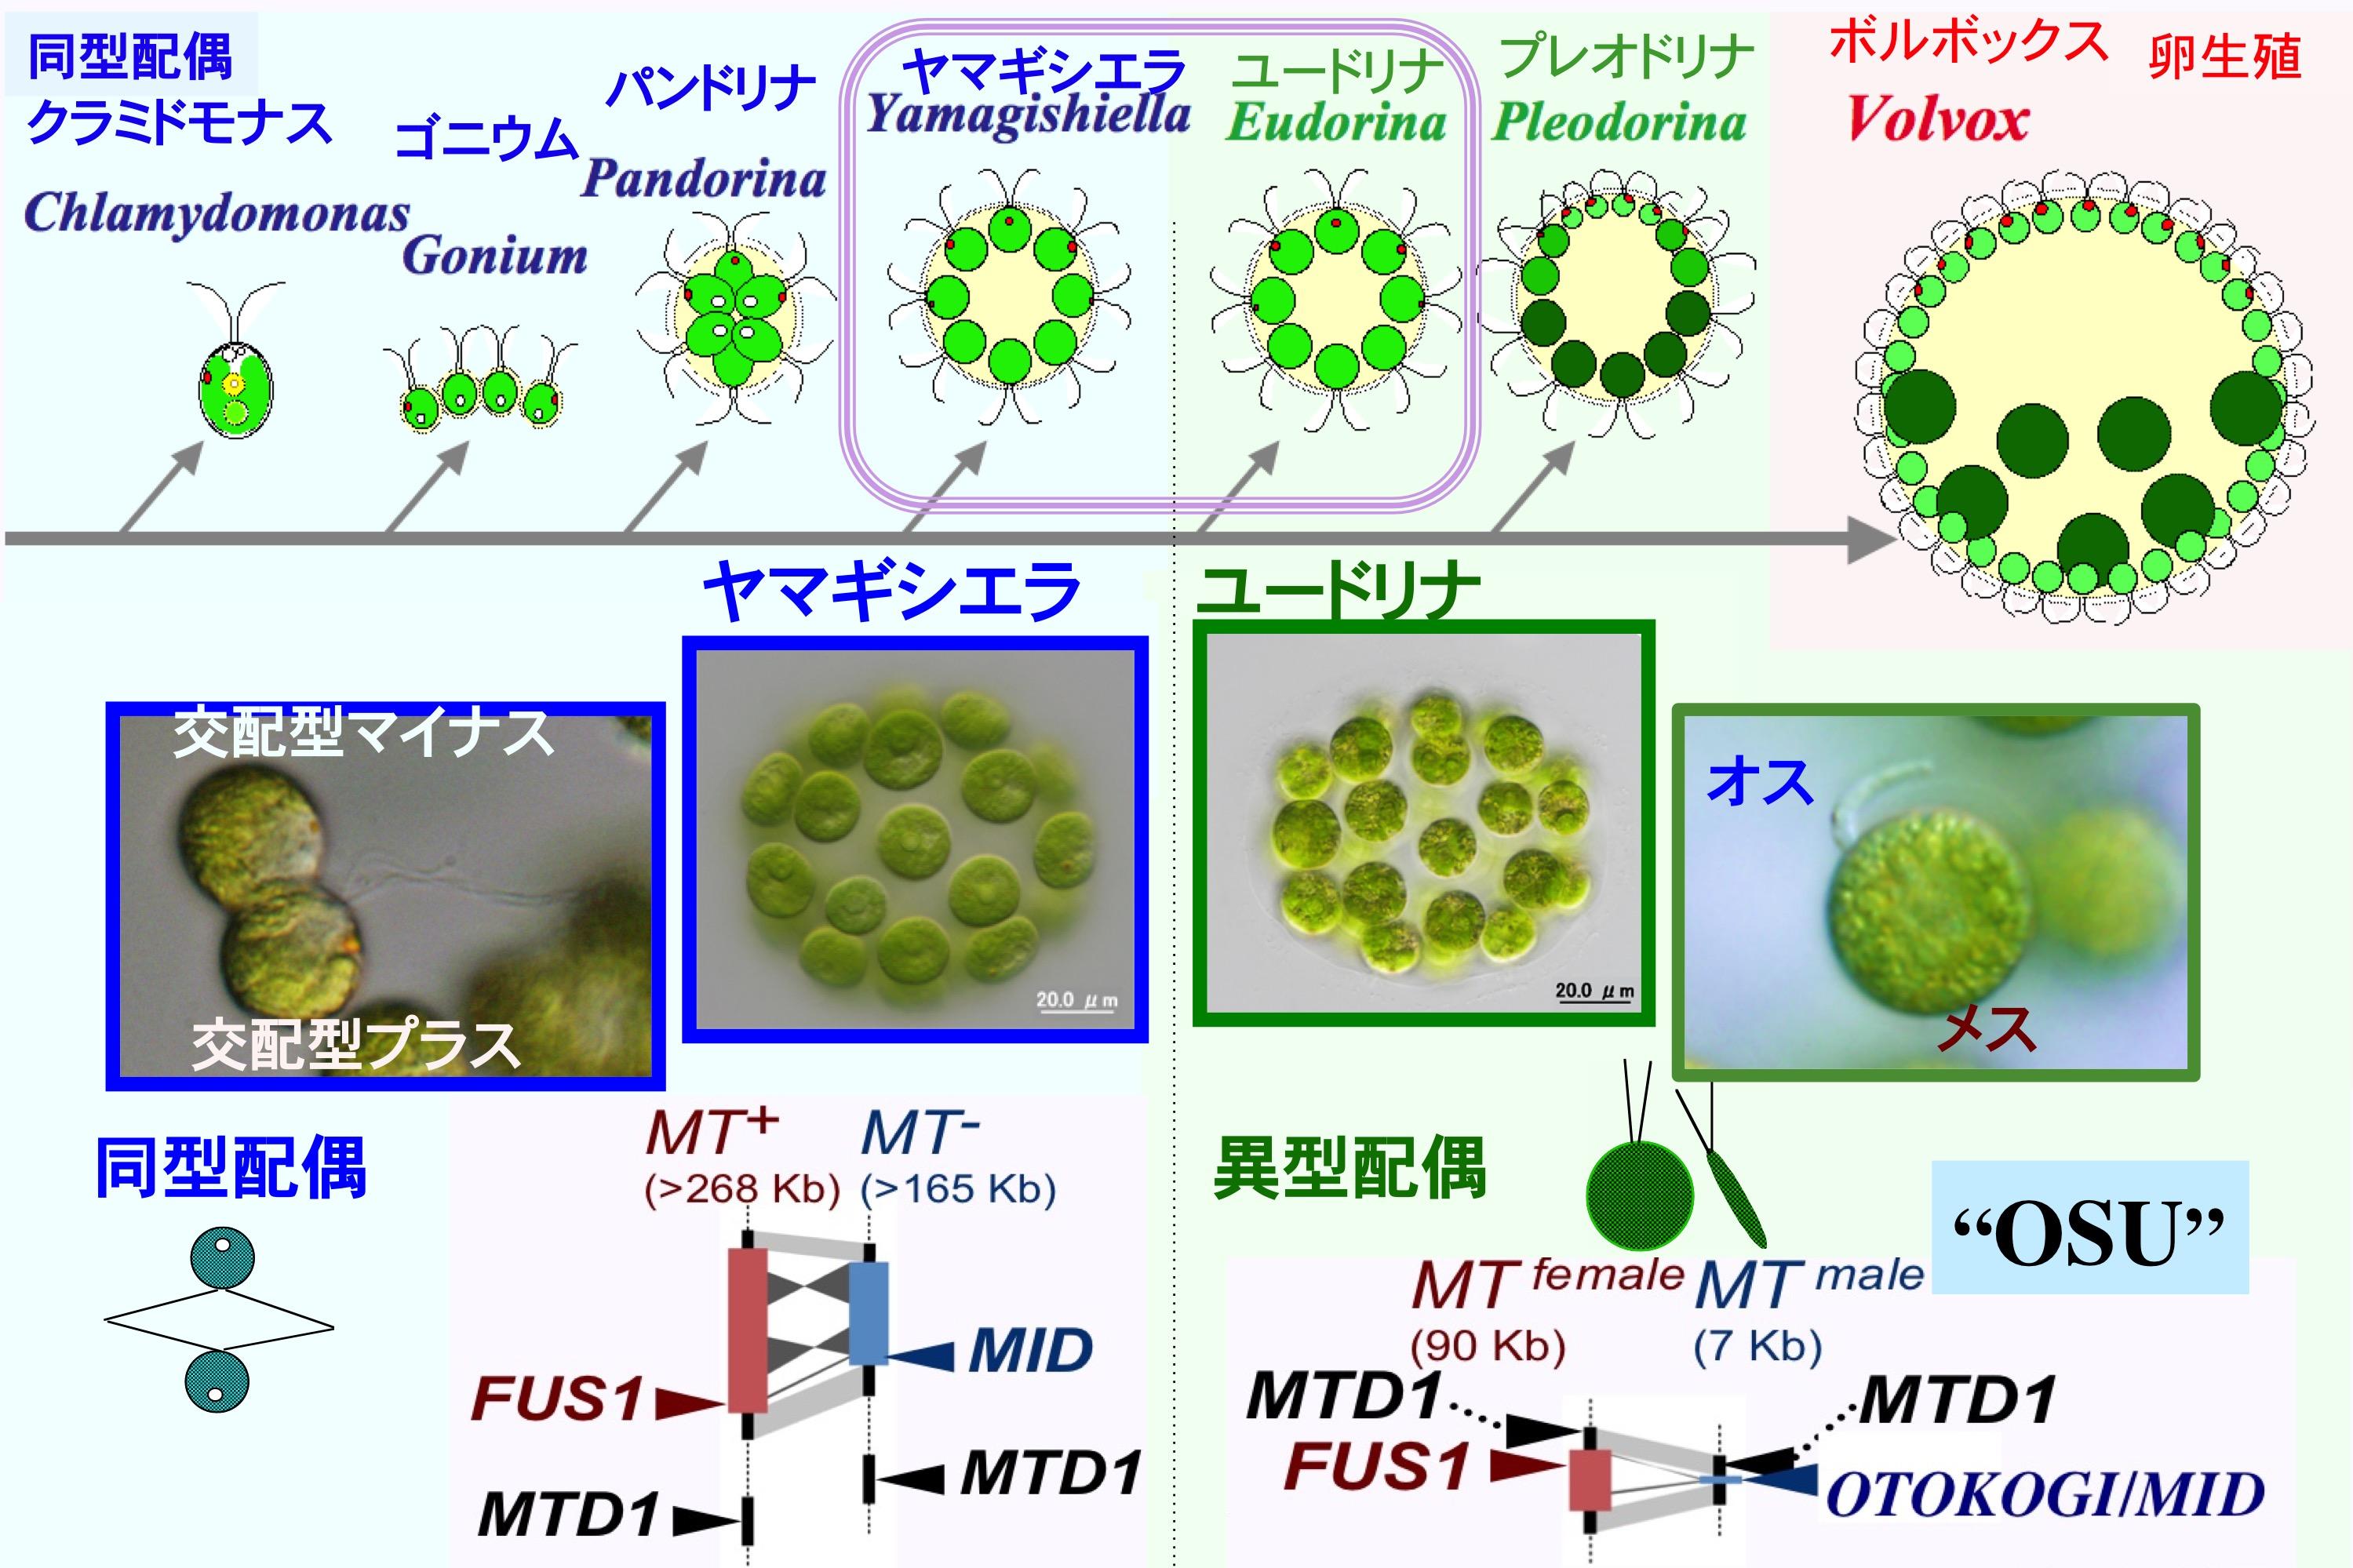 メス・オス出現進化を橋渡しする緑藻ボルボックス系列の図